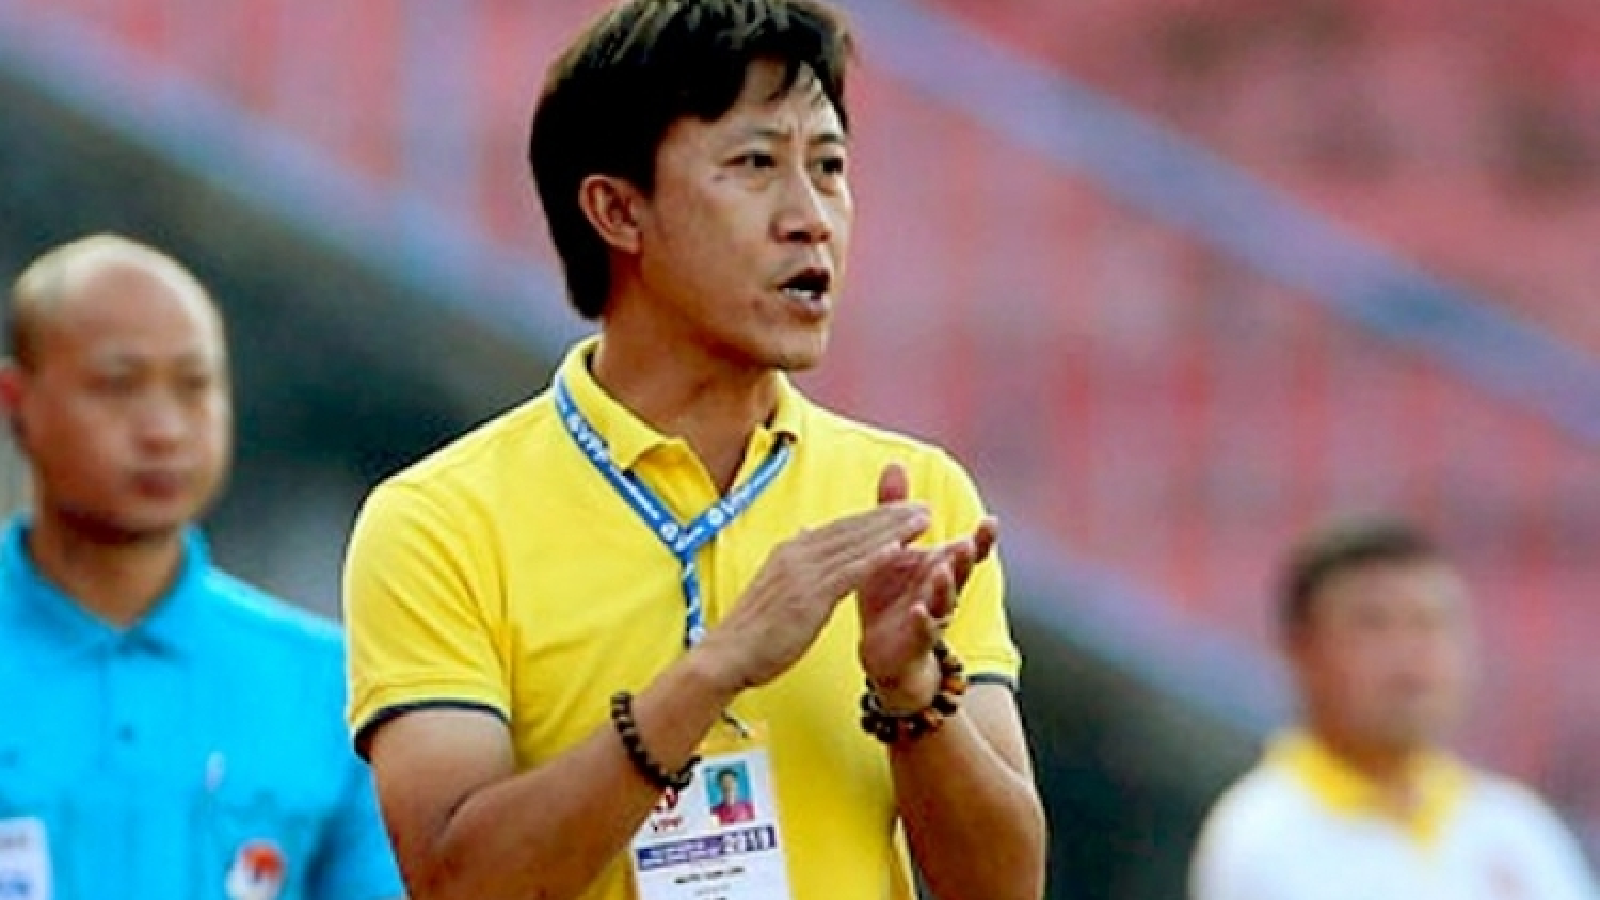 HLV Nguyễn Thành Công nói gì khi ra mắt CLB Thanh Hóa?